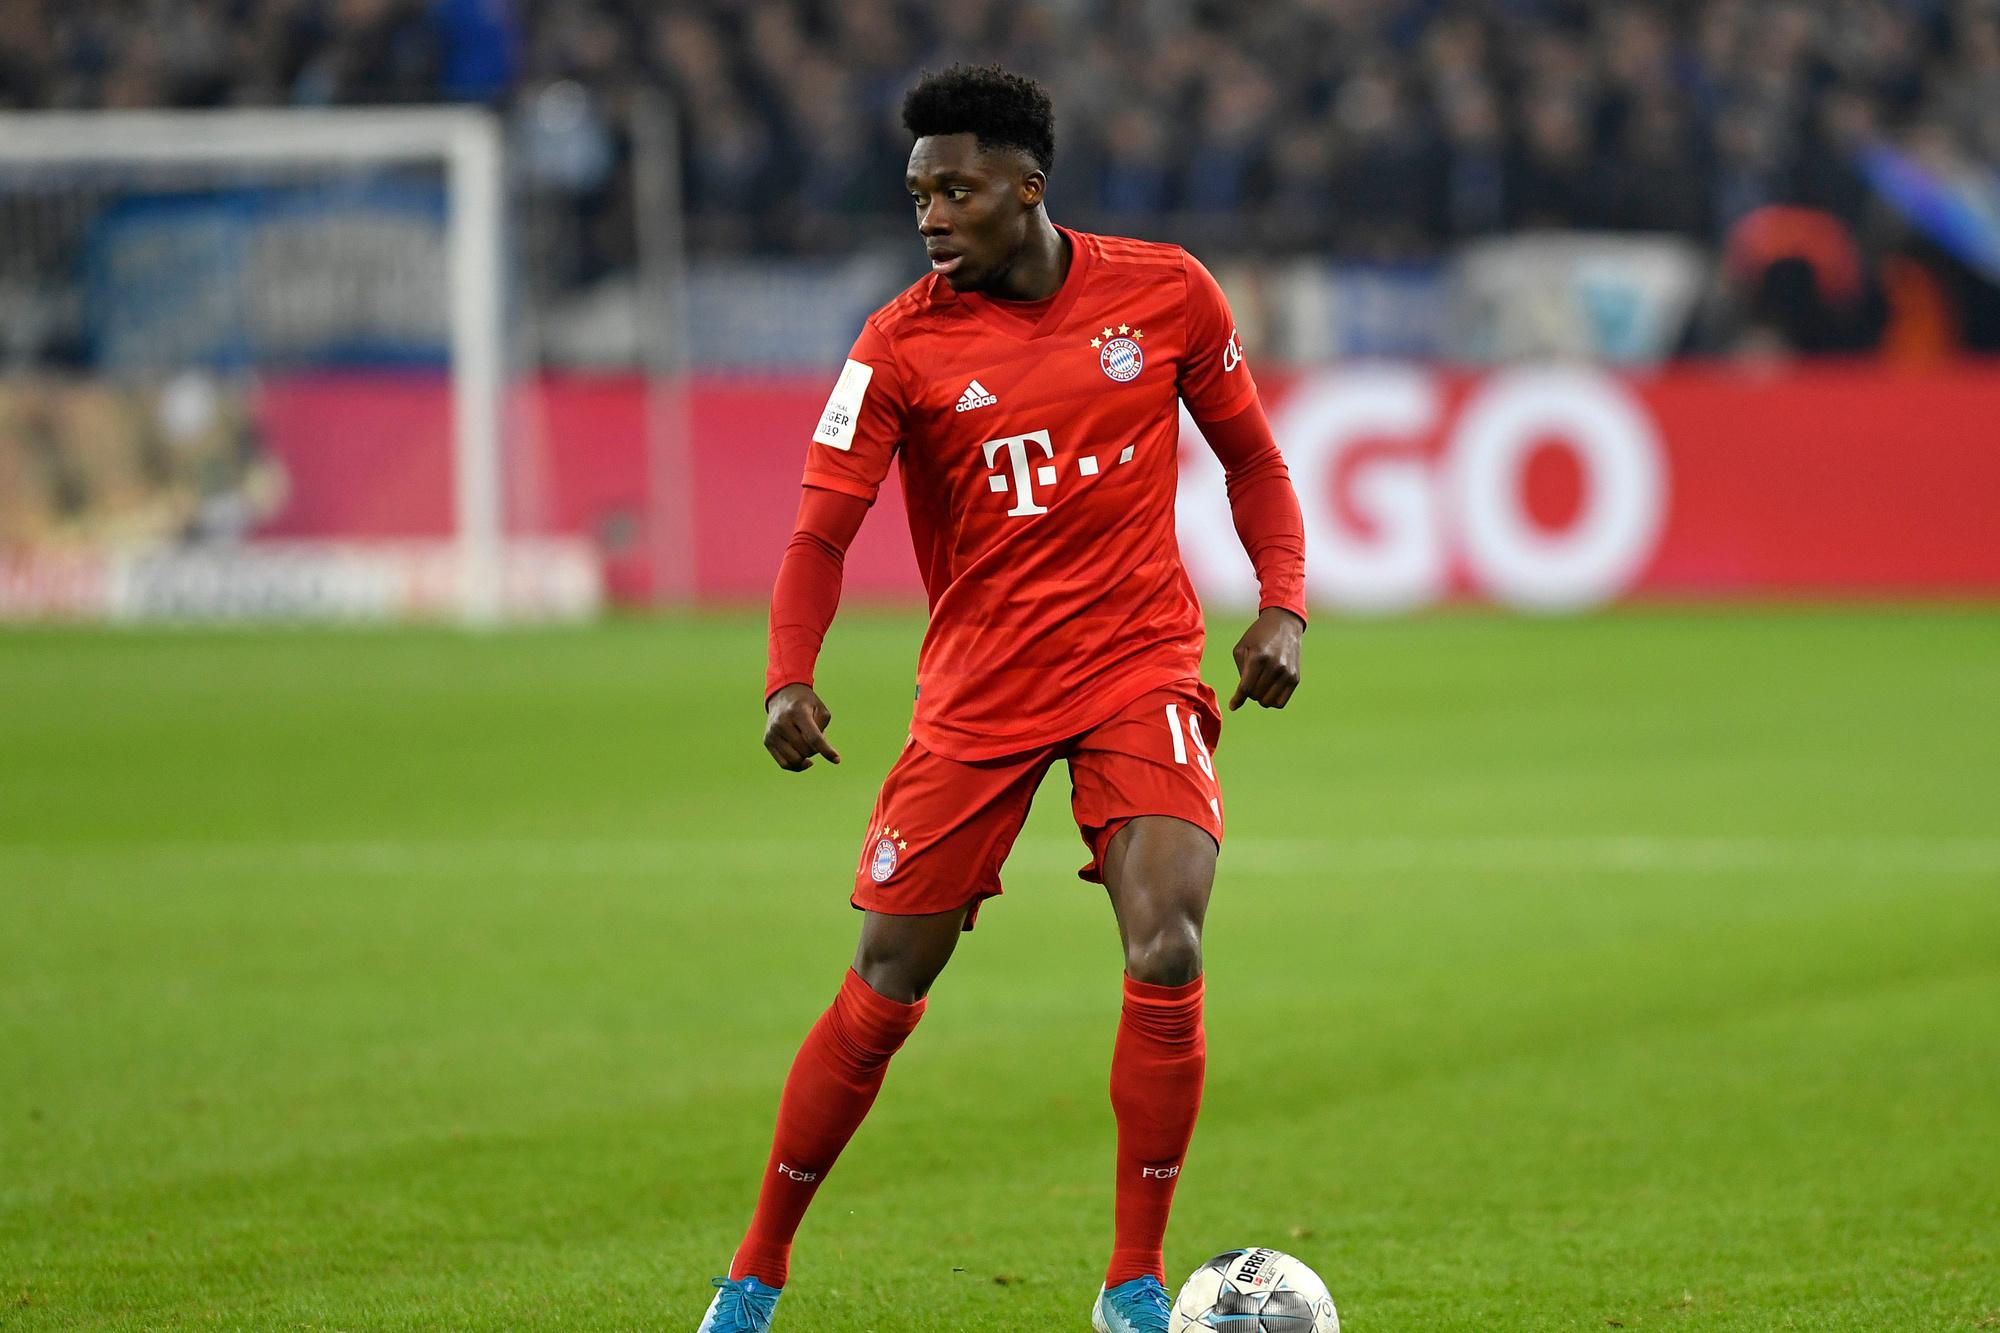 Alphonso Davies is op zijn negentiende al een certitude bij Bayern München., GETTY